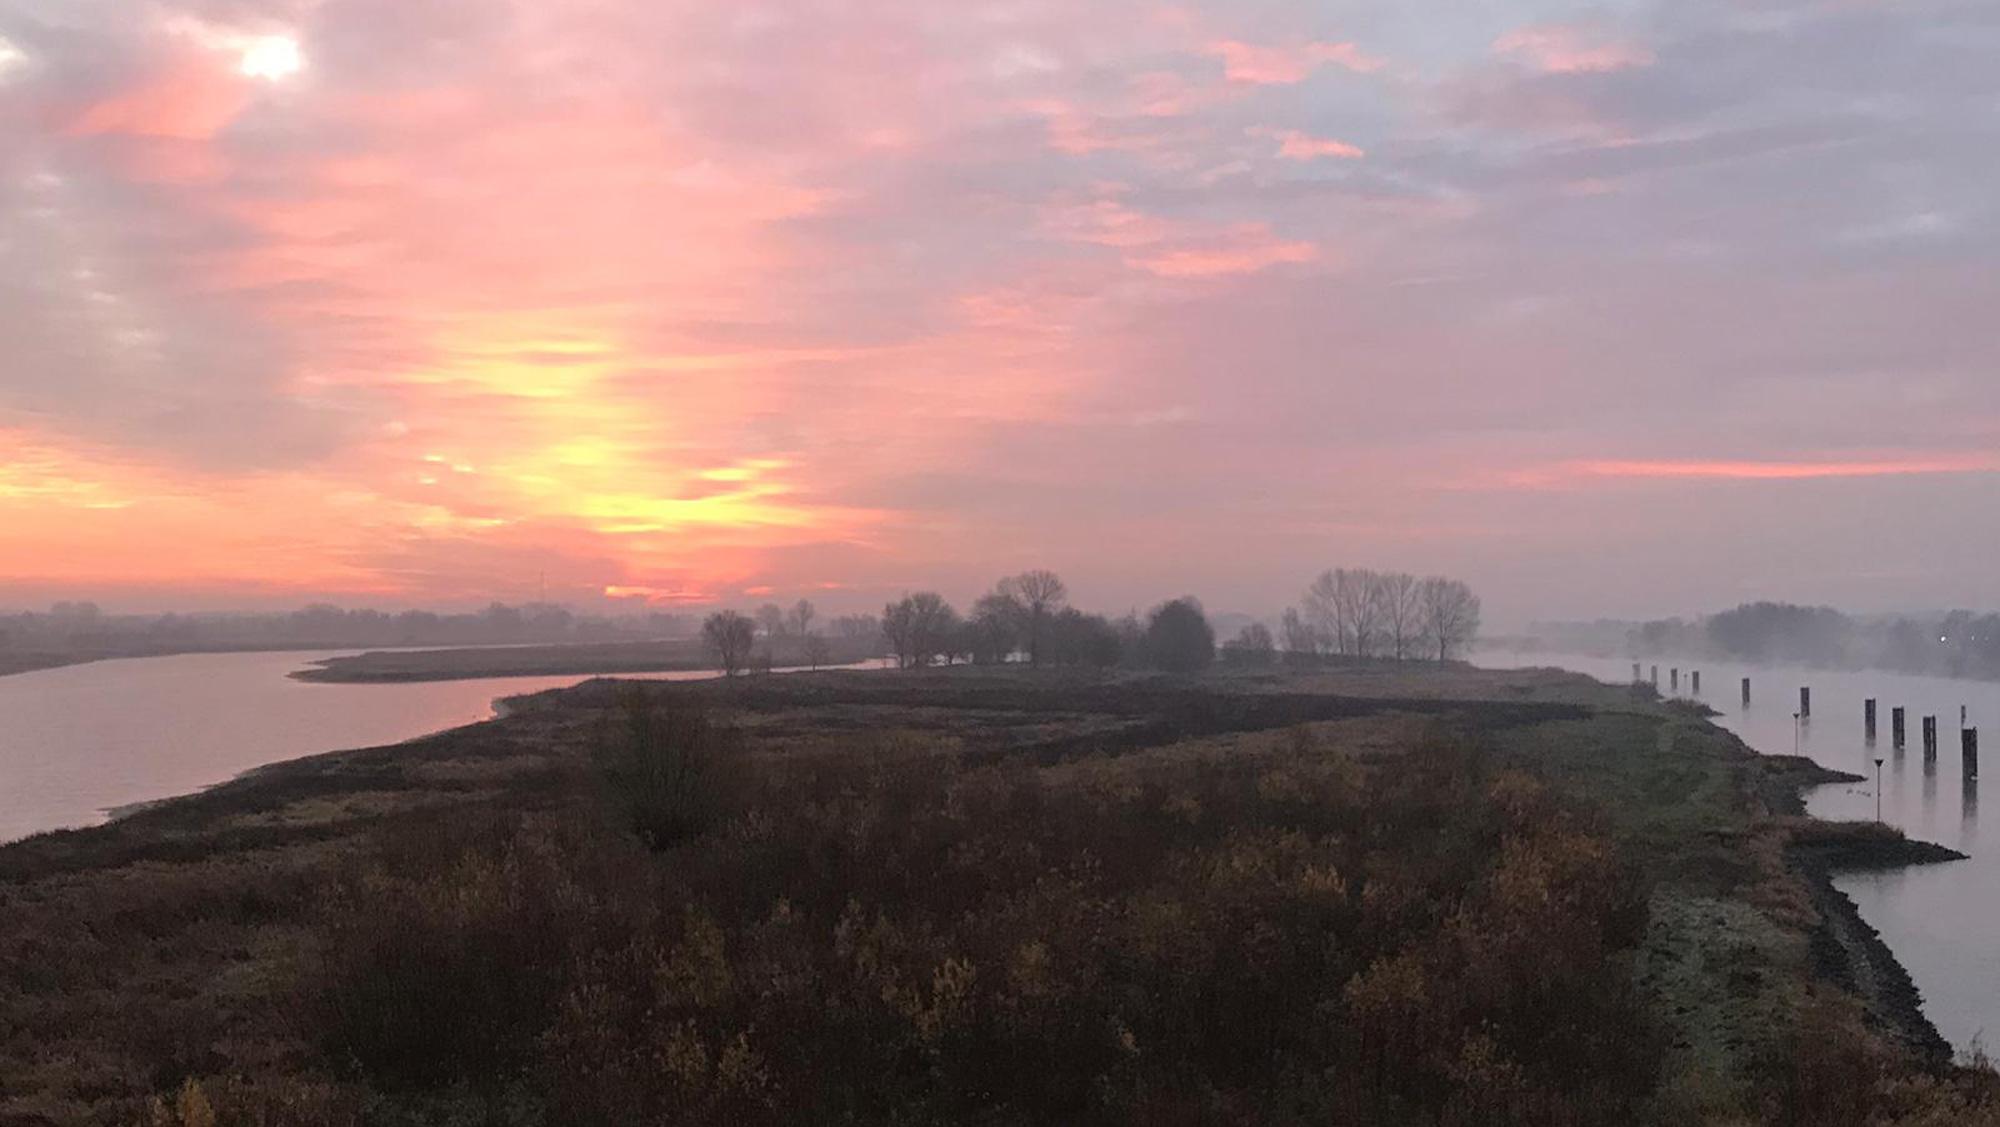 Omgeving Molecaten parken Hattem Heerde 29 zonsopkomst IJssel